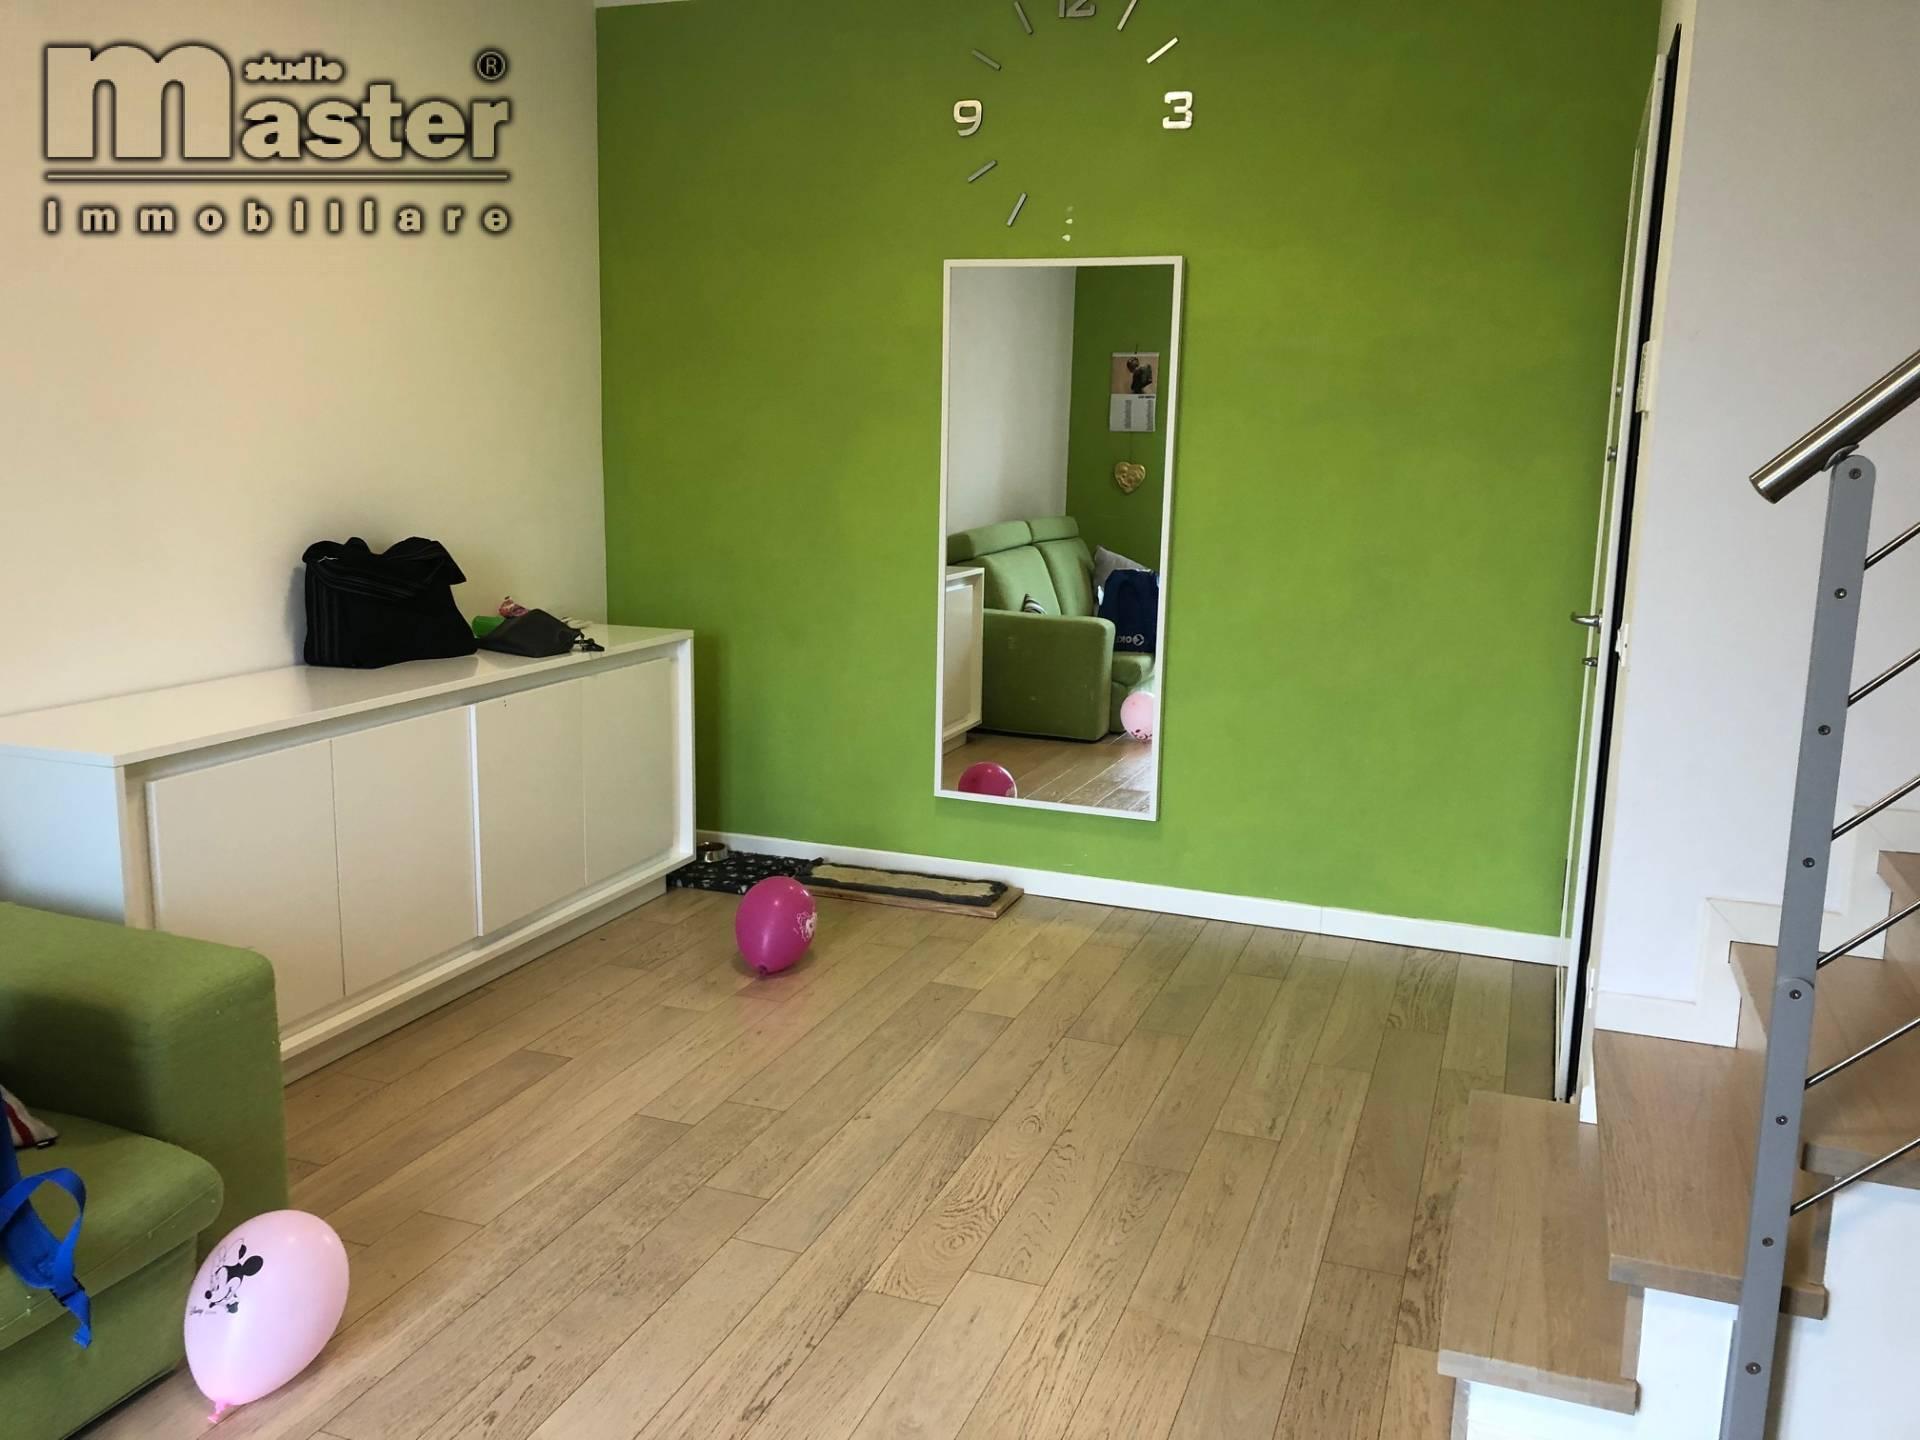 Appartamento in vendita a Paese, 5 locali, zona rnello, prezzo € 130.000 | PortaleAgenzieImmobiliari.it